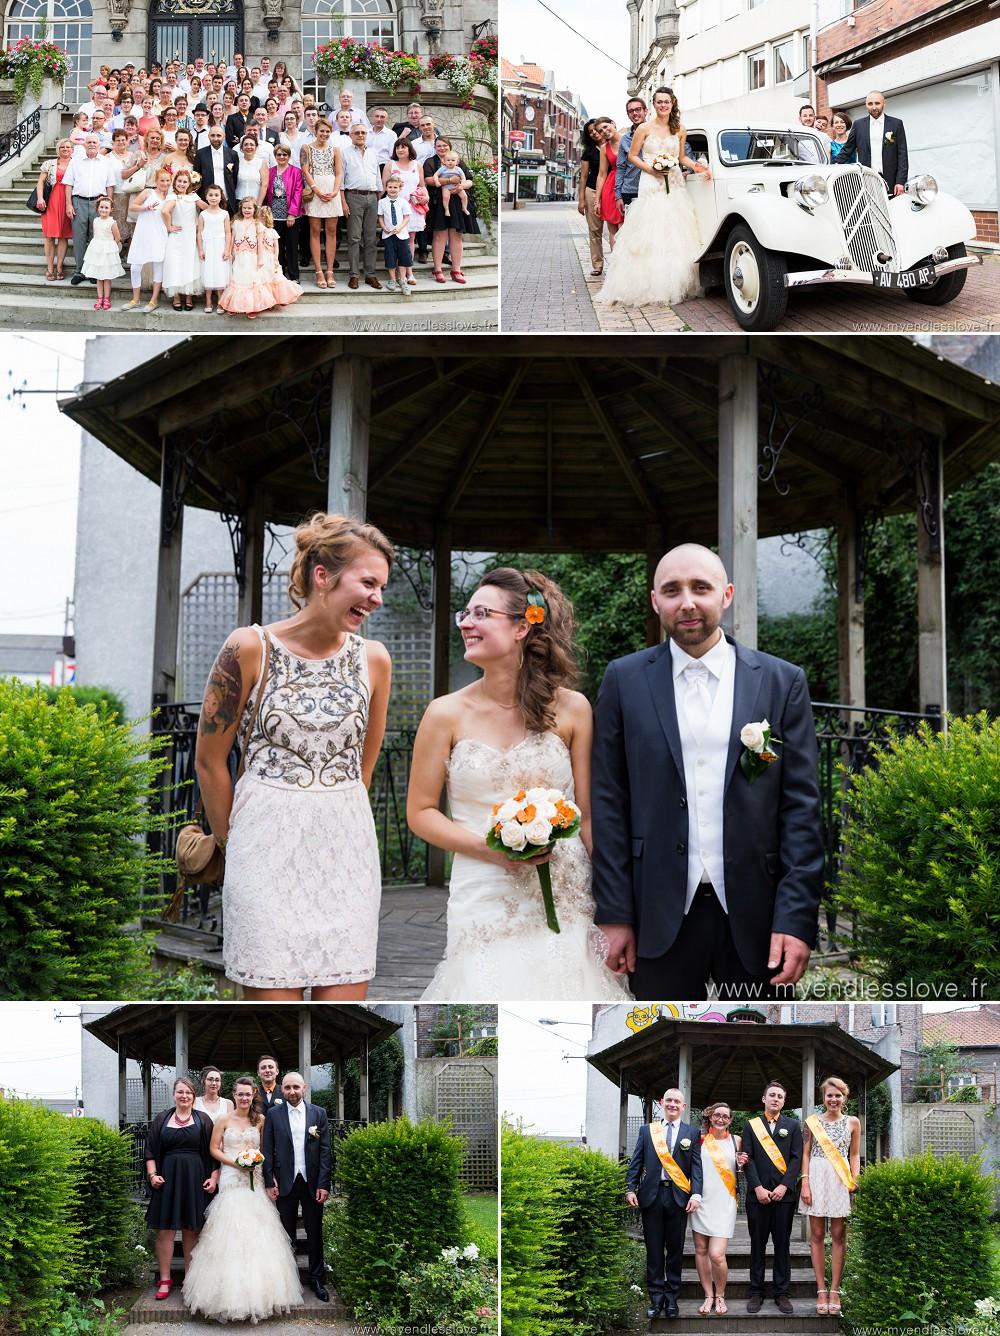 myendlesslove-photographe-mariage-lille-7-Hénin Beaumont-Lens-Salle-récetion-vin d'honneur-melanie-reichhart (7)